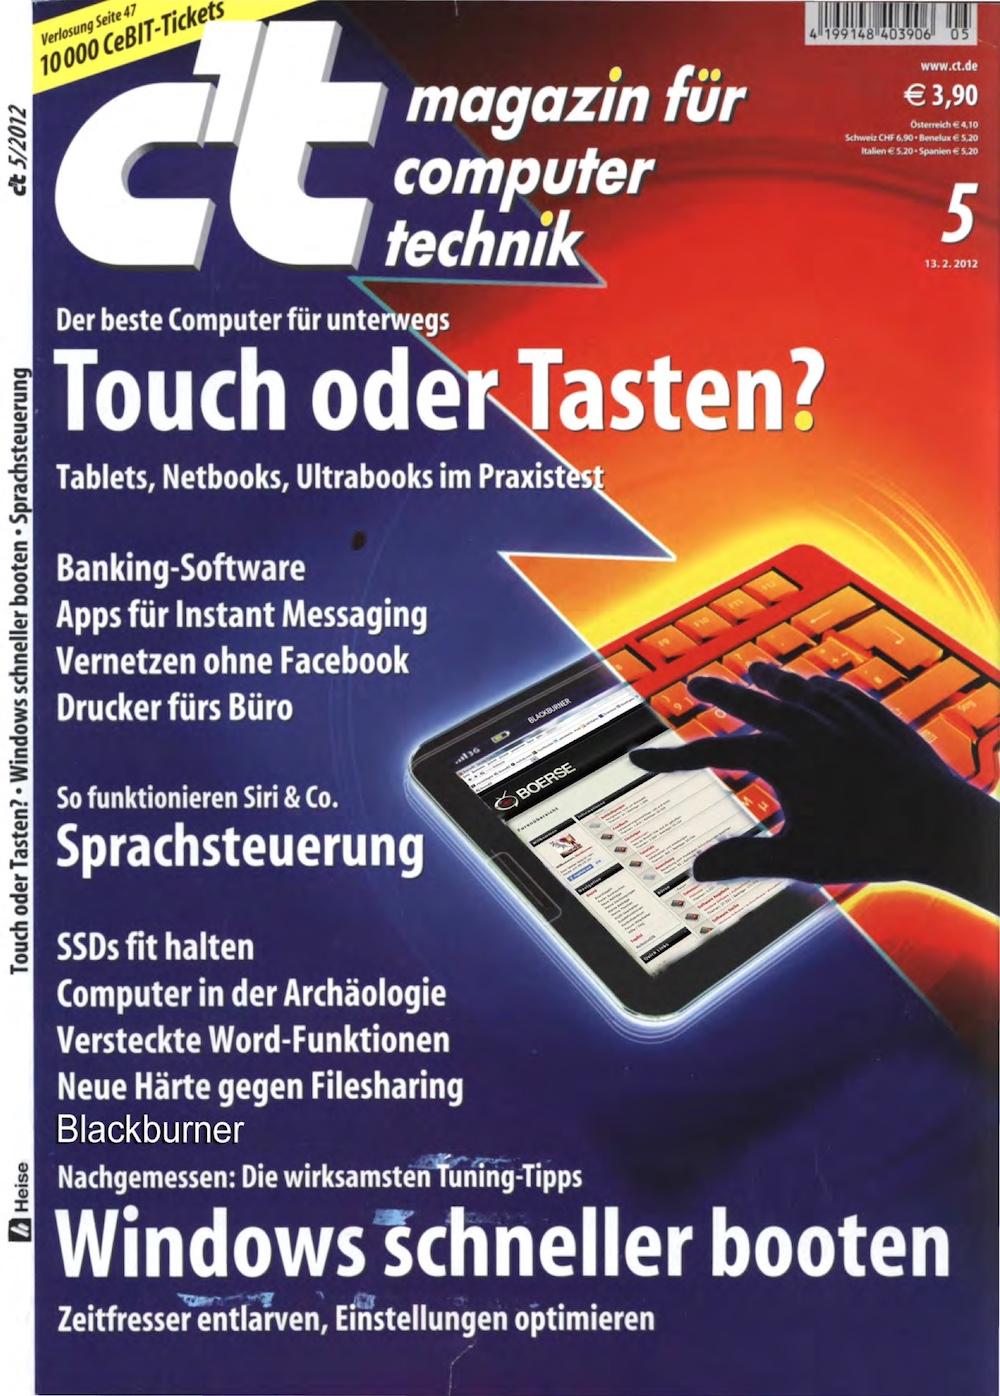 c't Magazin 2012-05